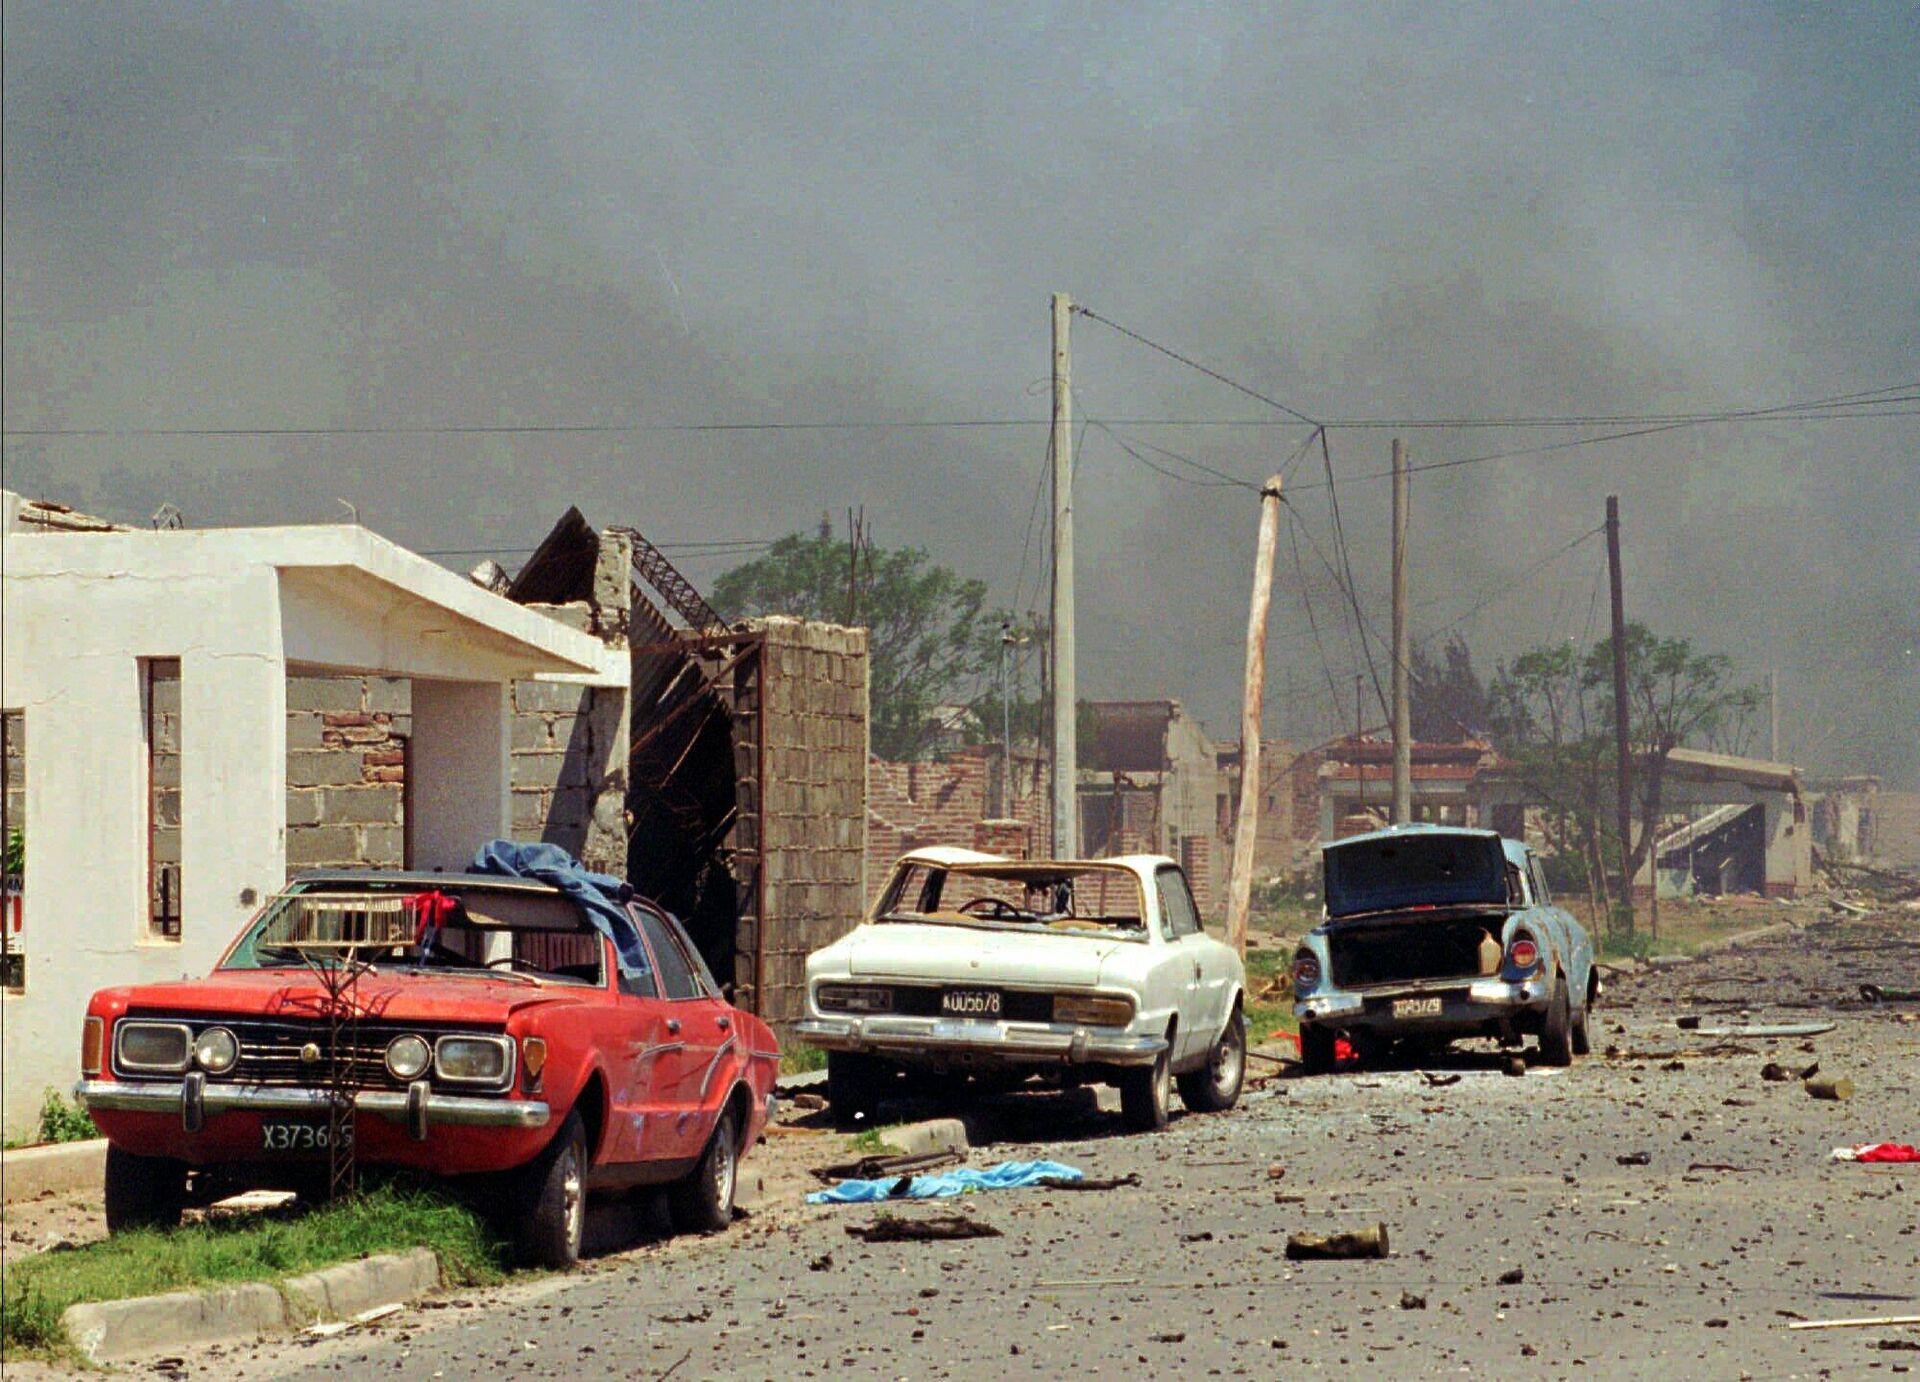 Vehículos destrozados en la ciudad argentina de Río Tercero tras las explosiones del 3 de noviembre de 1995 - Sputnik Mundo, 1920, 15.02.2021